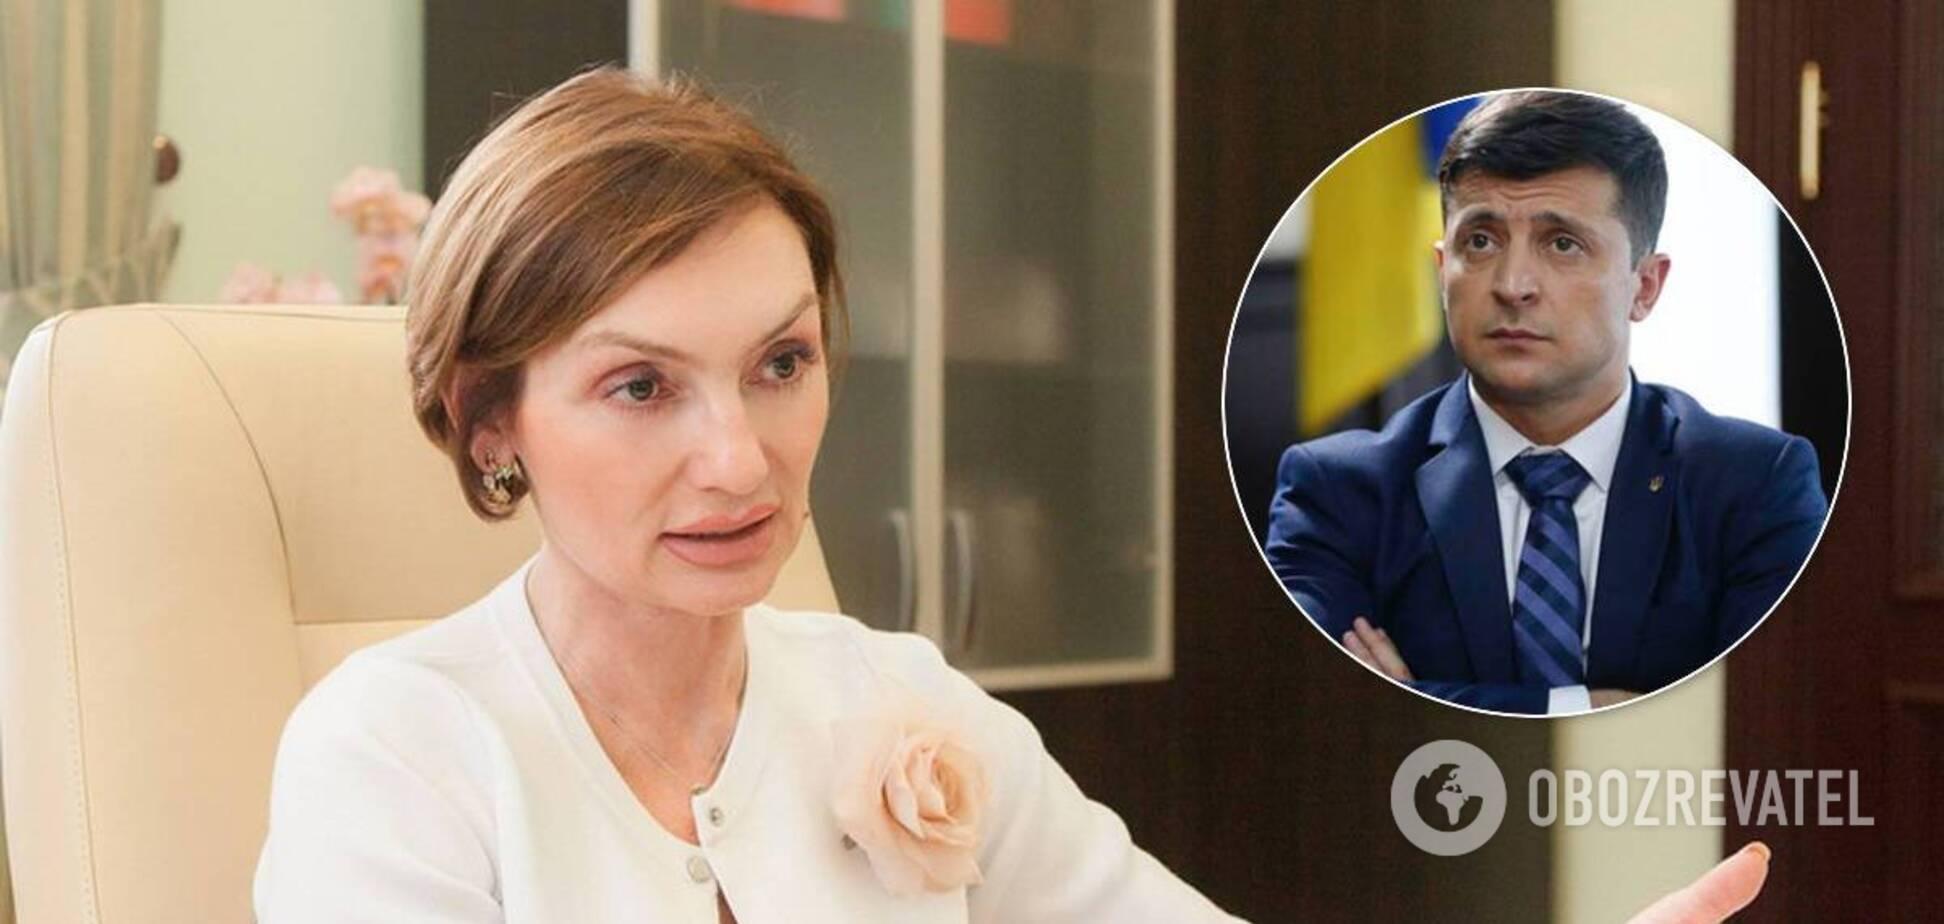 Рожкова сообщила о встрече с Зеленским после отставки Смолия